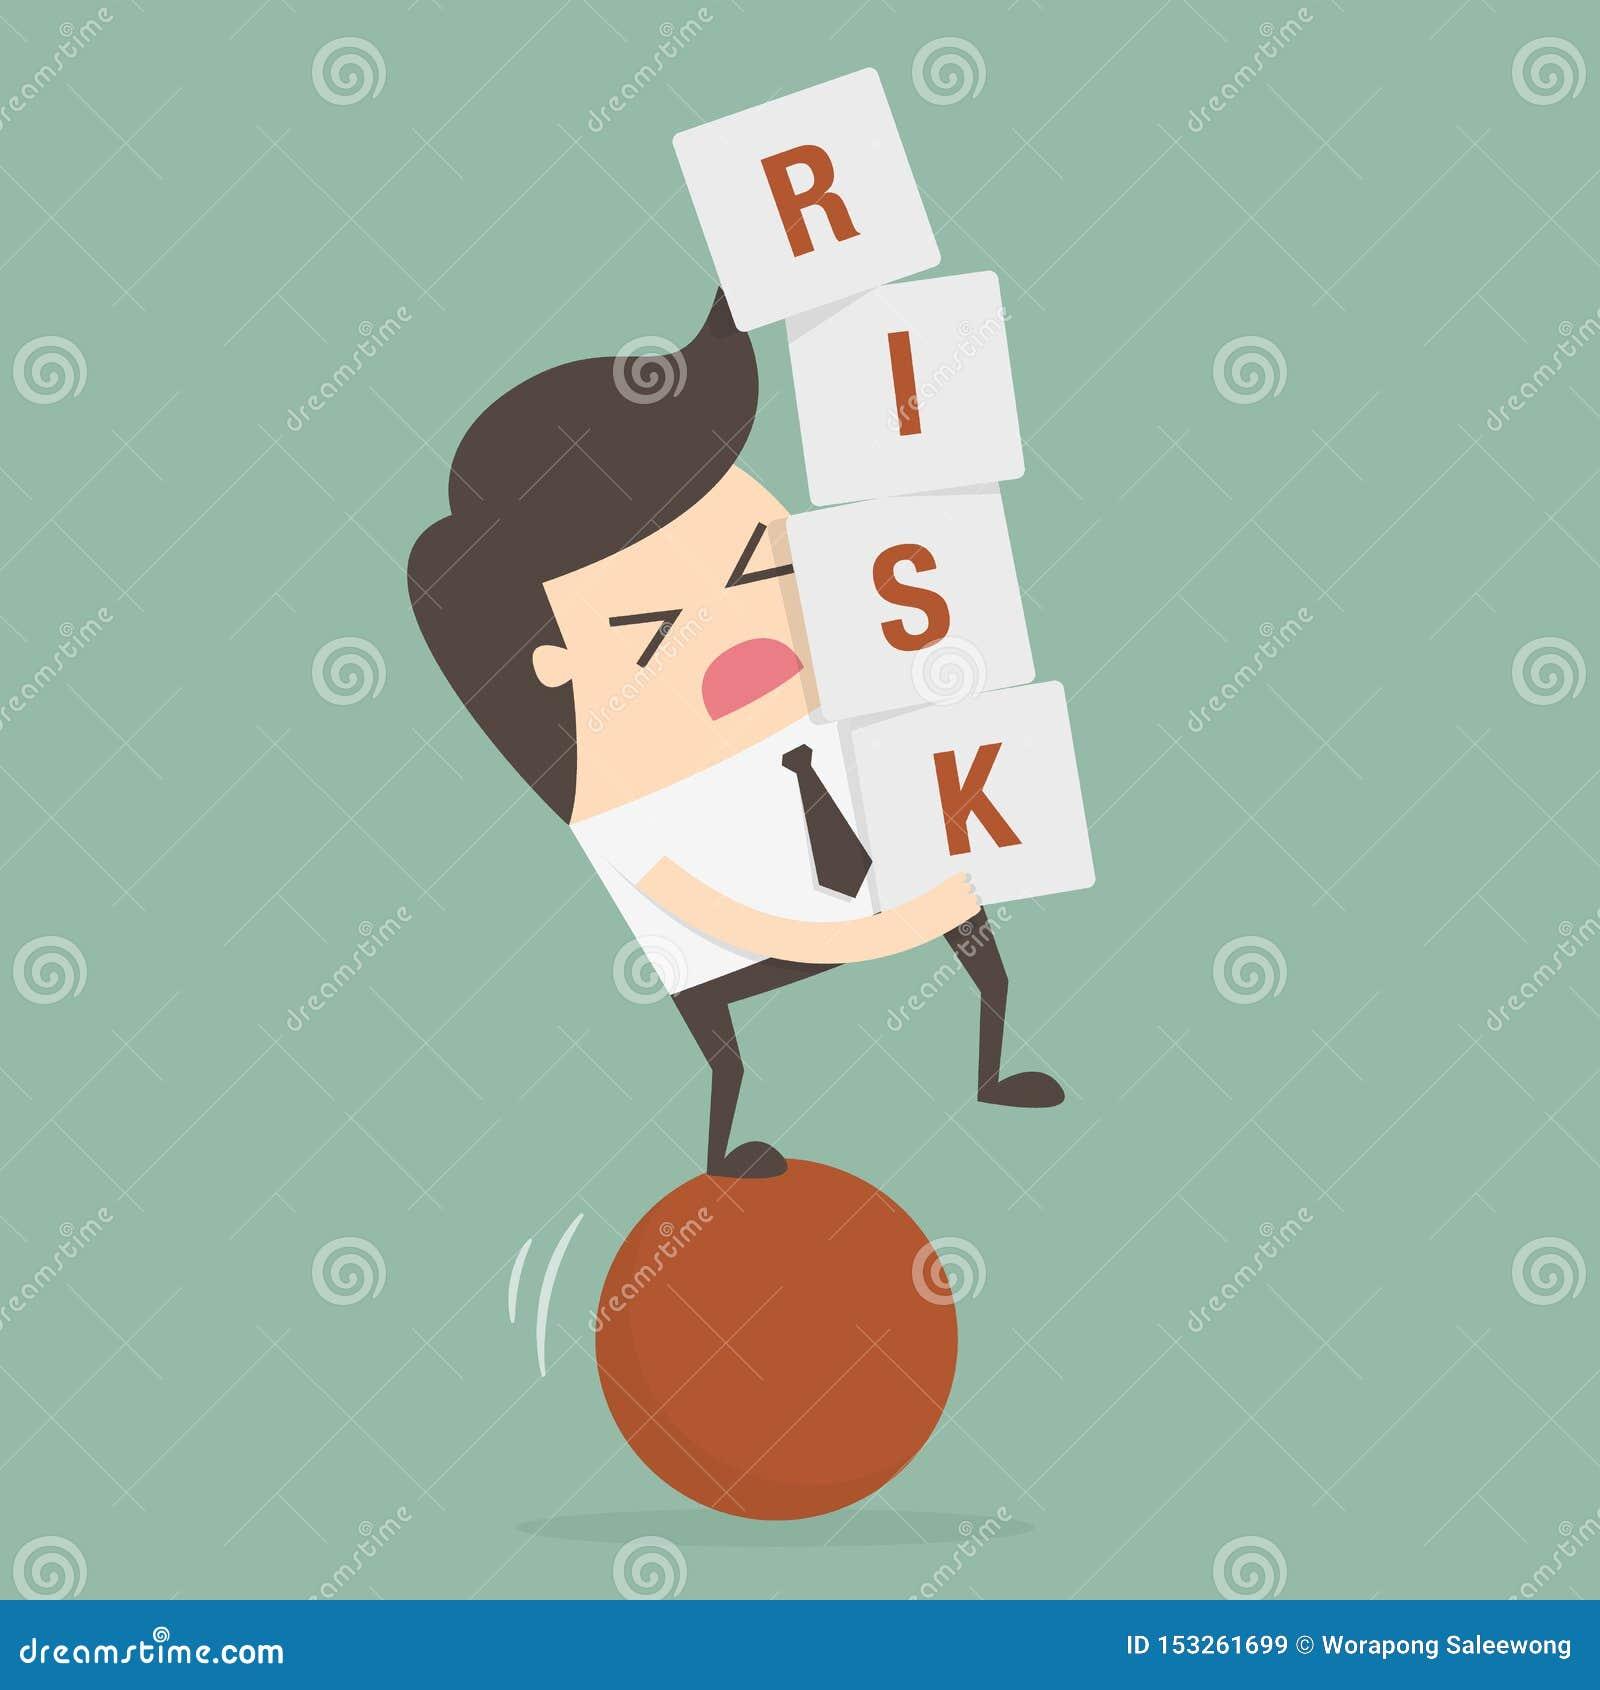 Risk Business Concept Illustration. Idea Concept.